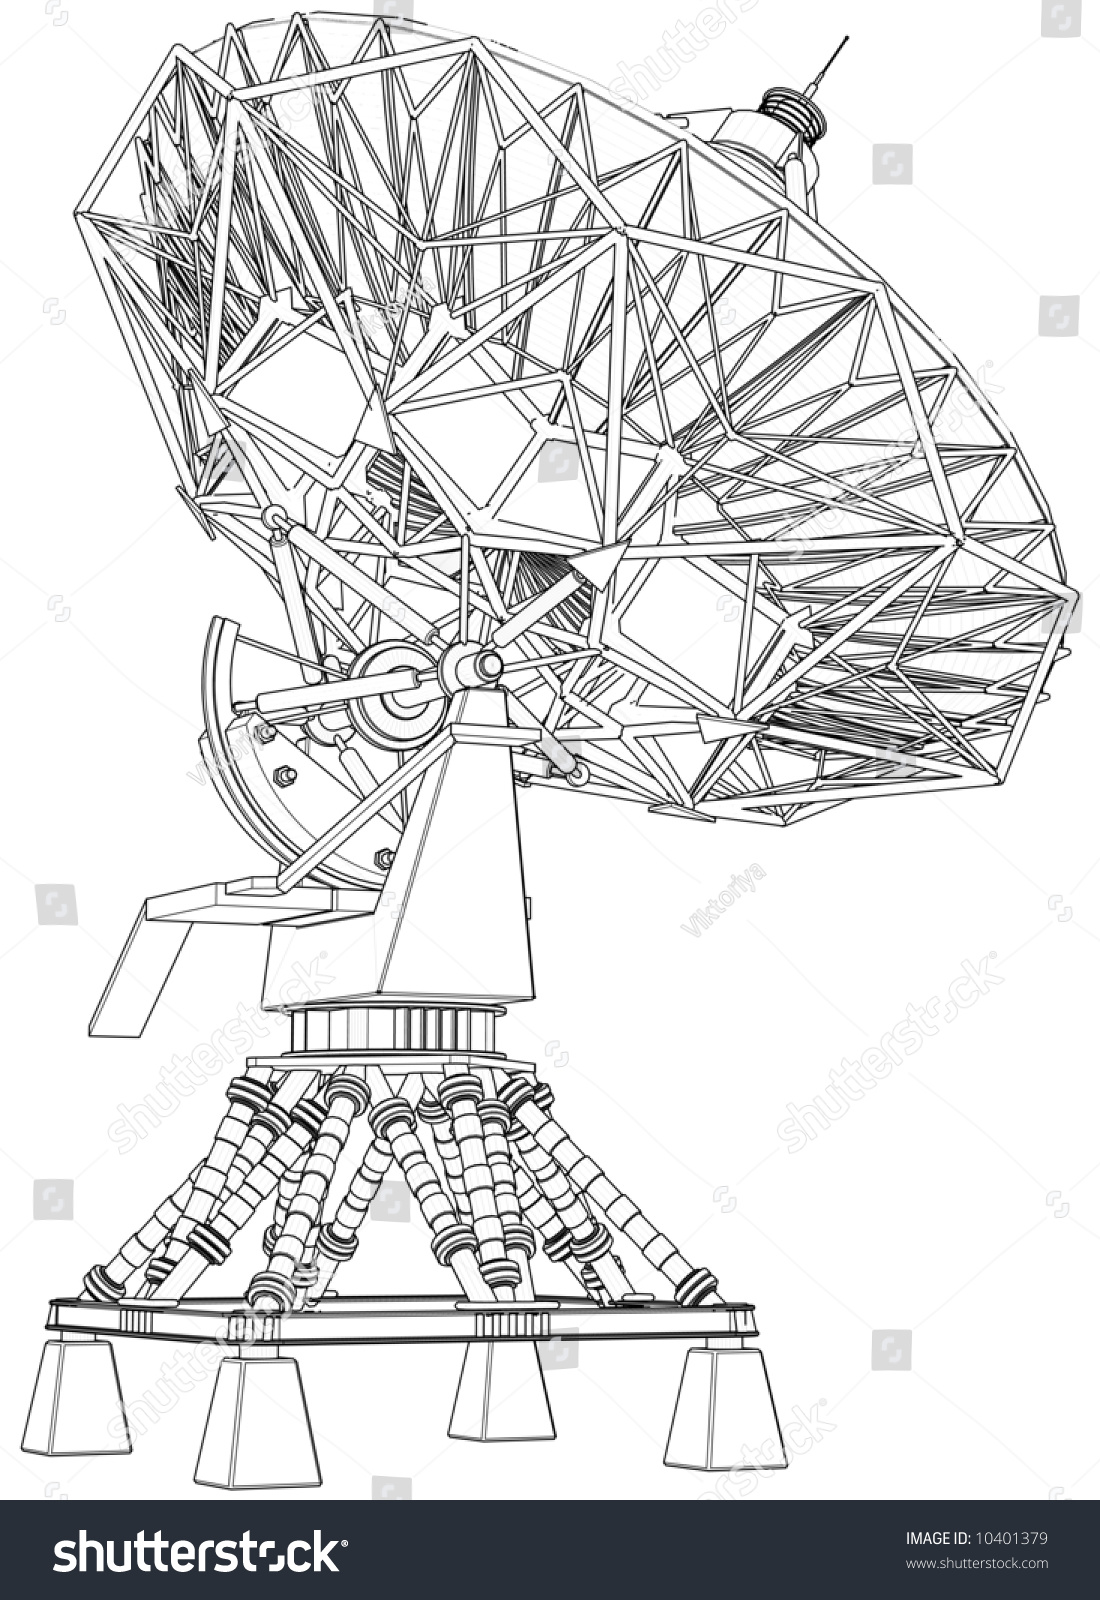 Doppler Radar 3 D Technical Draw Stock Illustration 10401379 ...